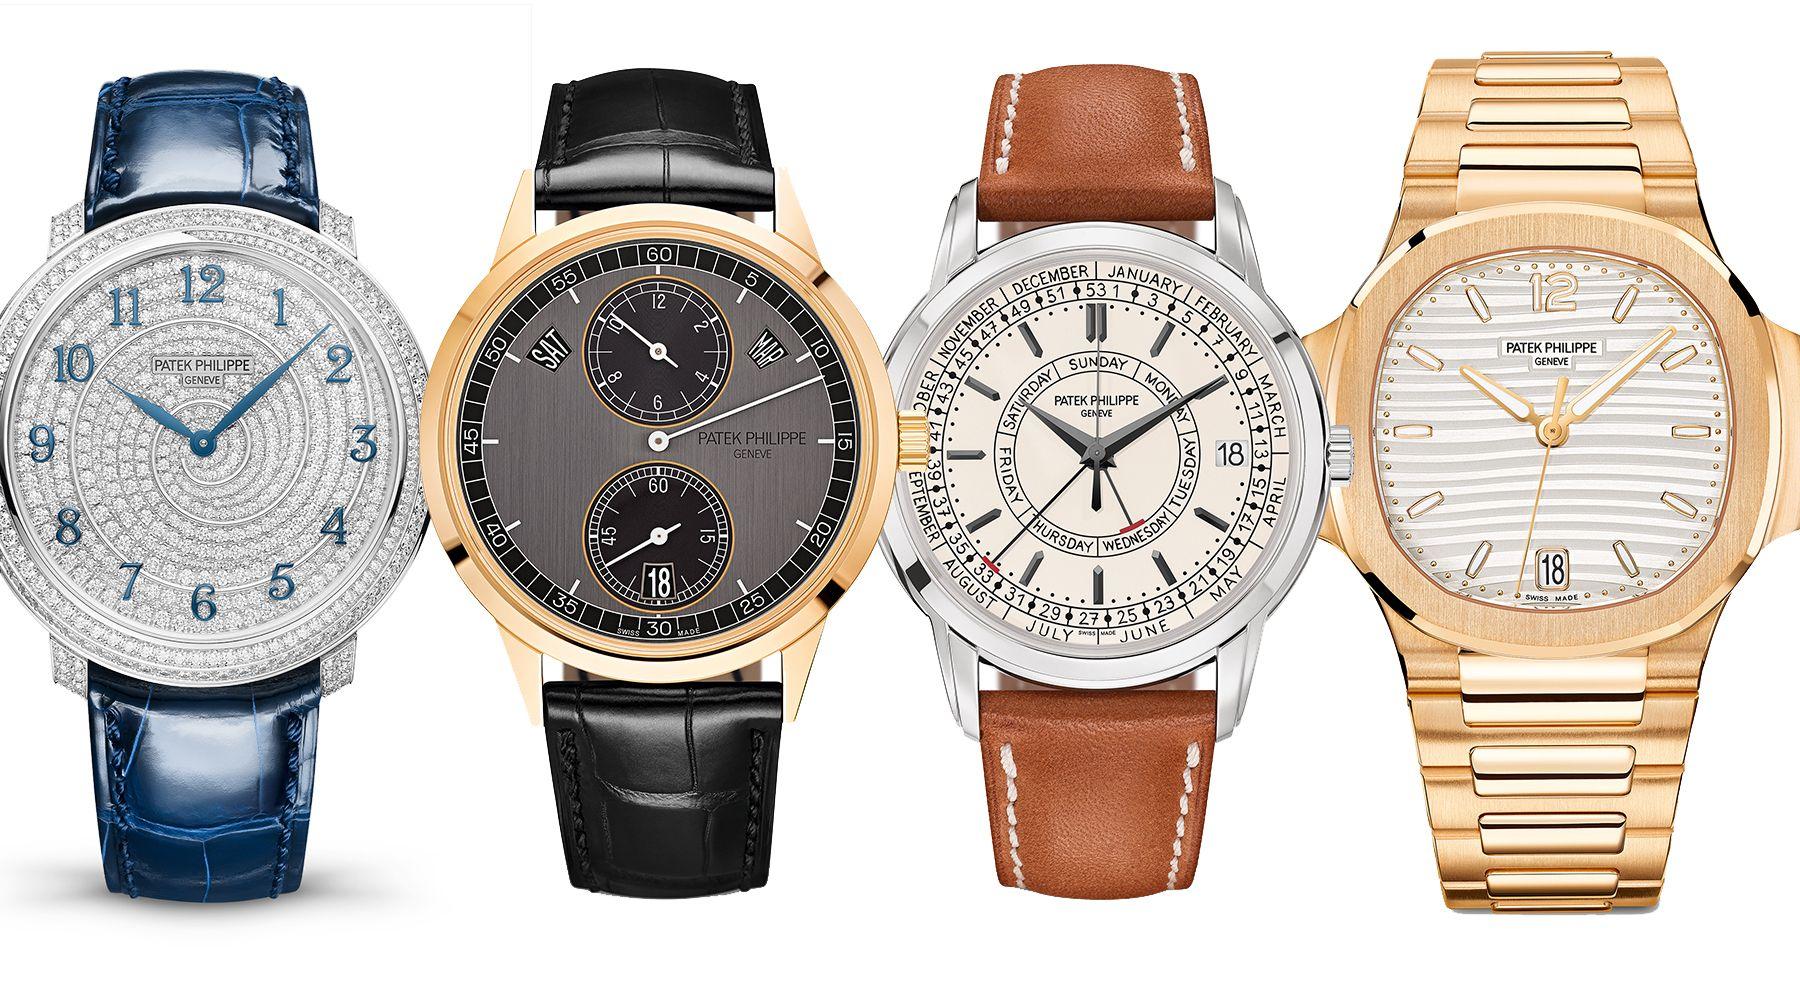 2019百達翡麗新錶亮點搶先看!三針一線、摺疊扣延伸系統、鑽石緞帶⋯,錶王用細節征服行家的心